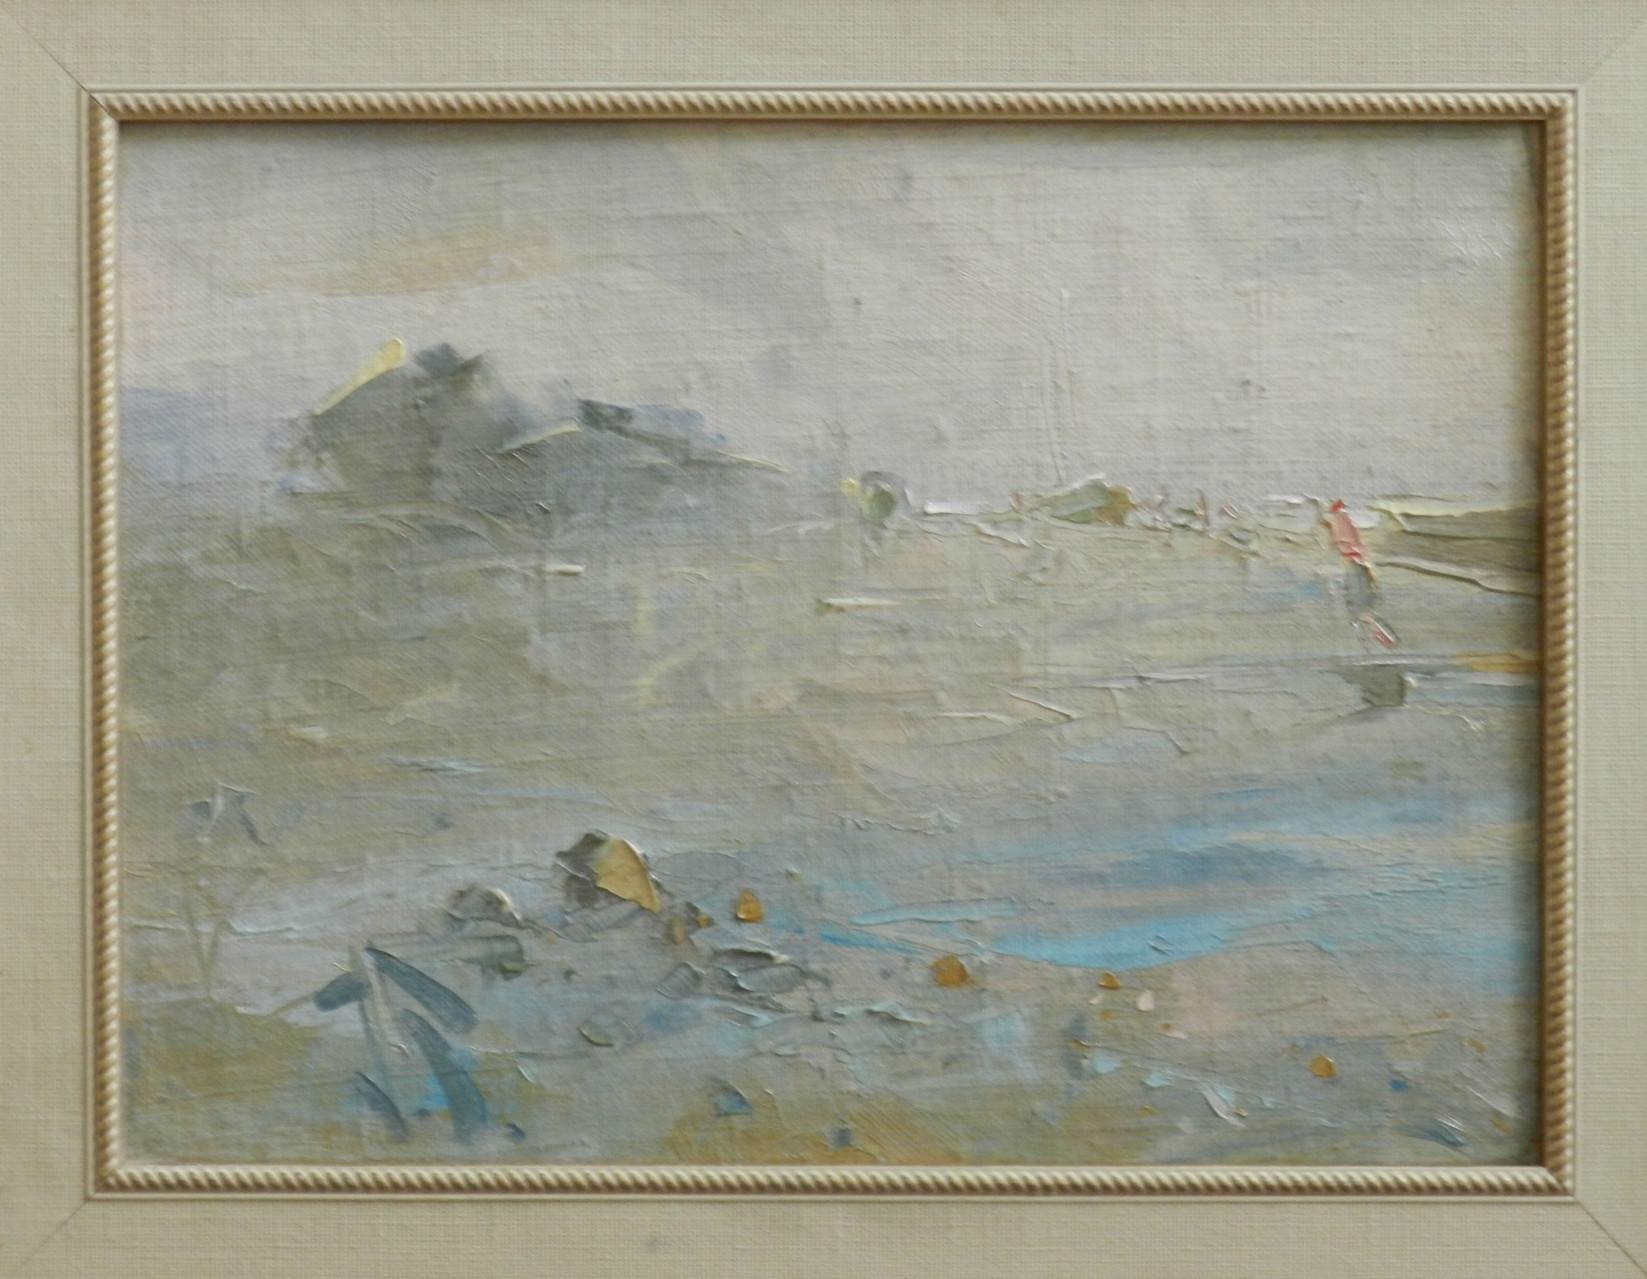 На взморье.    Старый Крым.      2006 г.          Картон, холст, масло.  26х35.5 см.